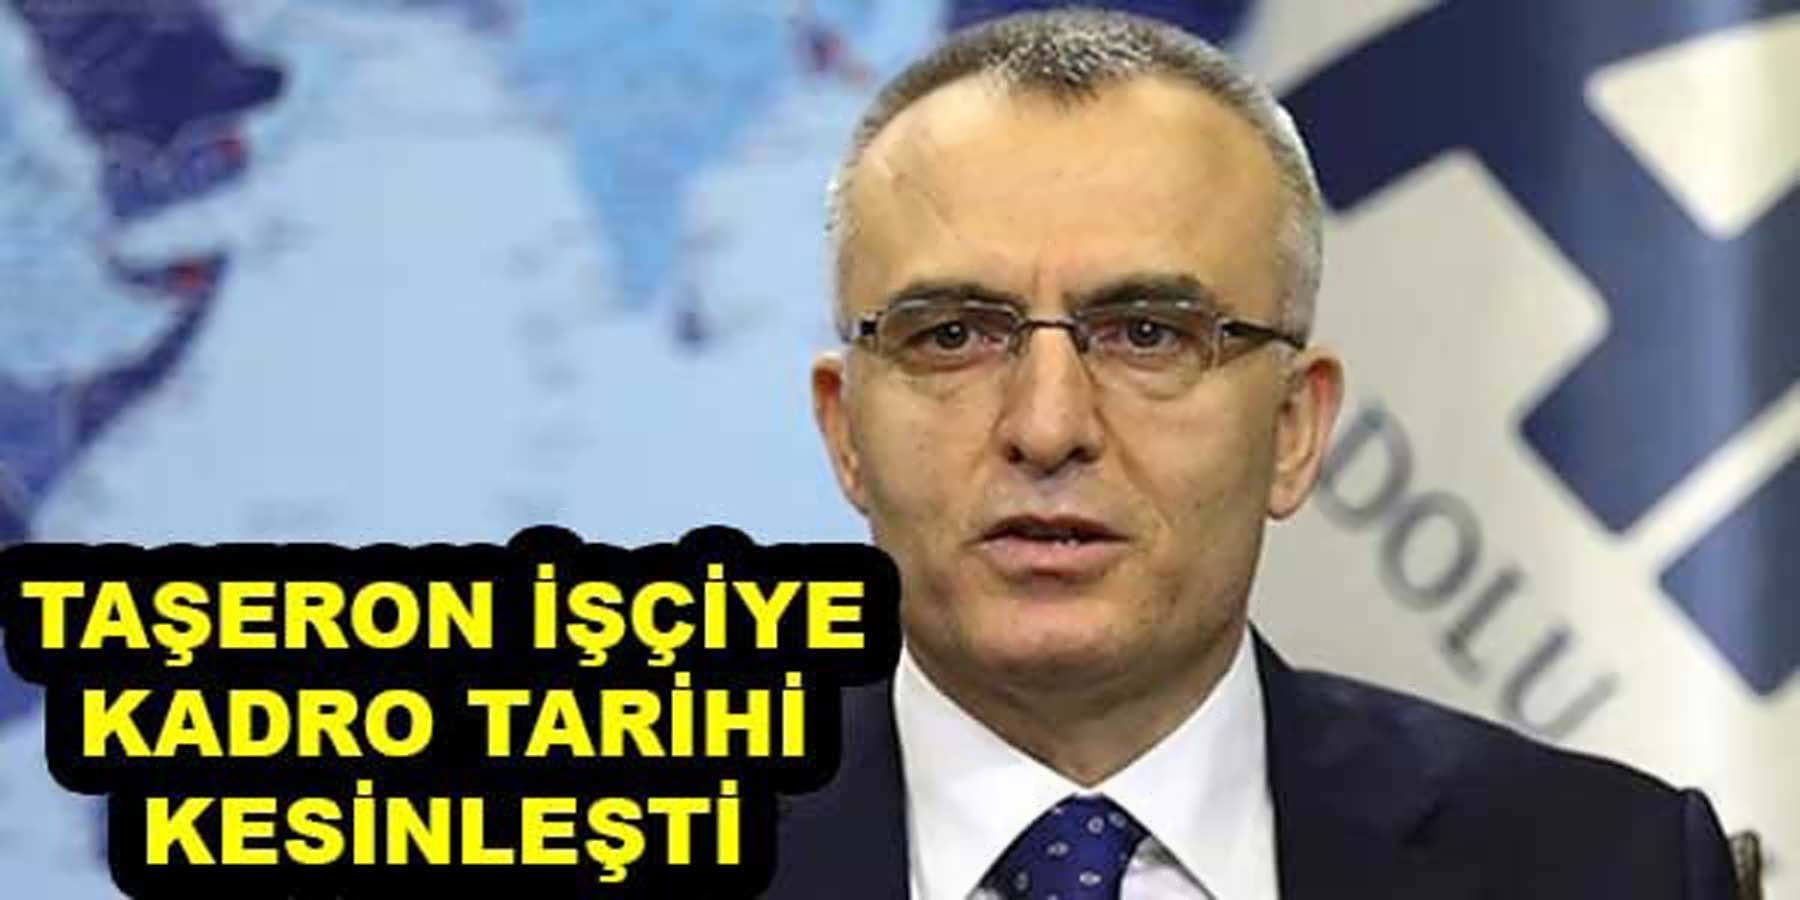 Maliye Bakanı Naci Ağbal Taşeron İşçilere Kadro Verileceği Tarihi Açıkladı